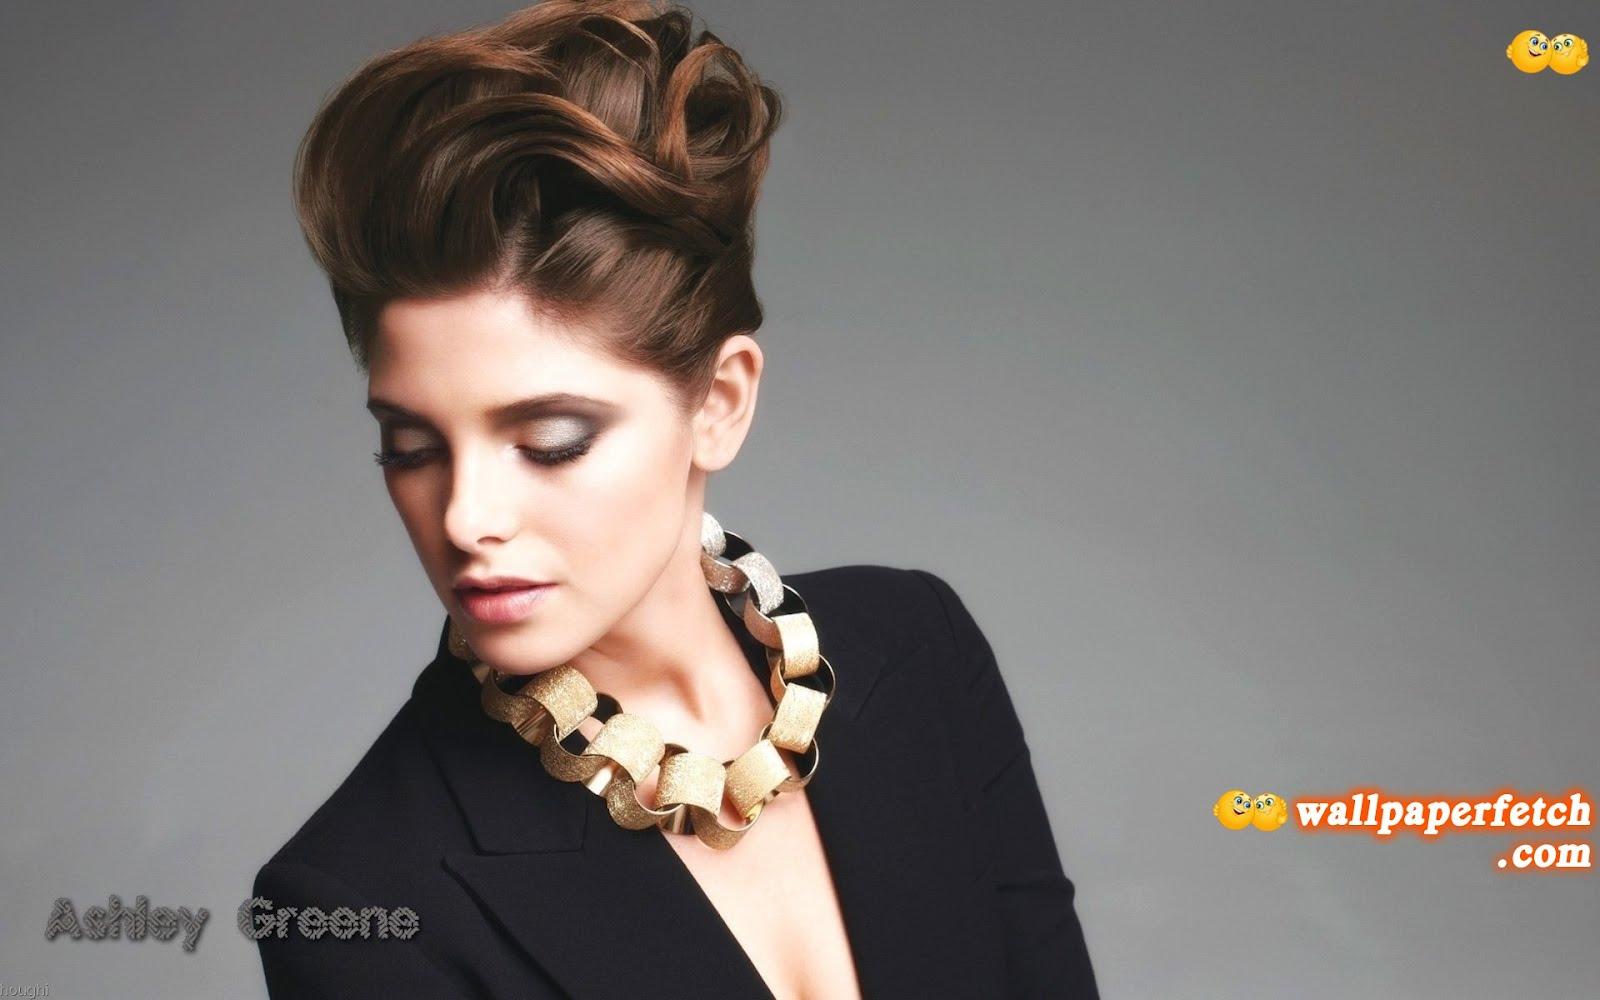 http://3.bp.blogspot.com/-0i-79OET6XU/UArWz-ETmxI/AAAAAAAAGjw/1--lnC-K-qo/s1600/ashley-greene-beautiful-girl_1920x1200_90006.jpg